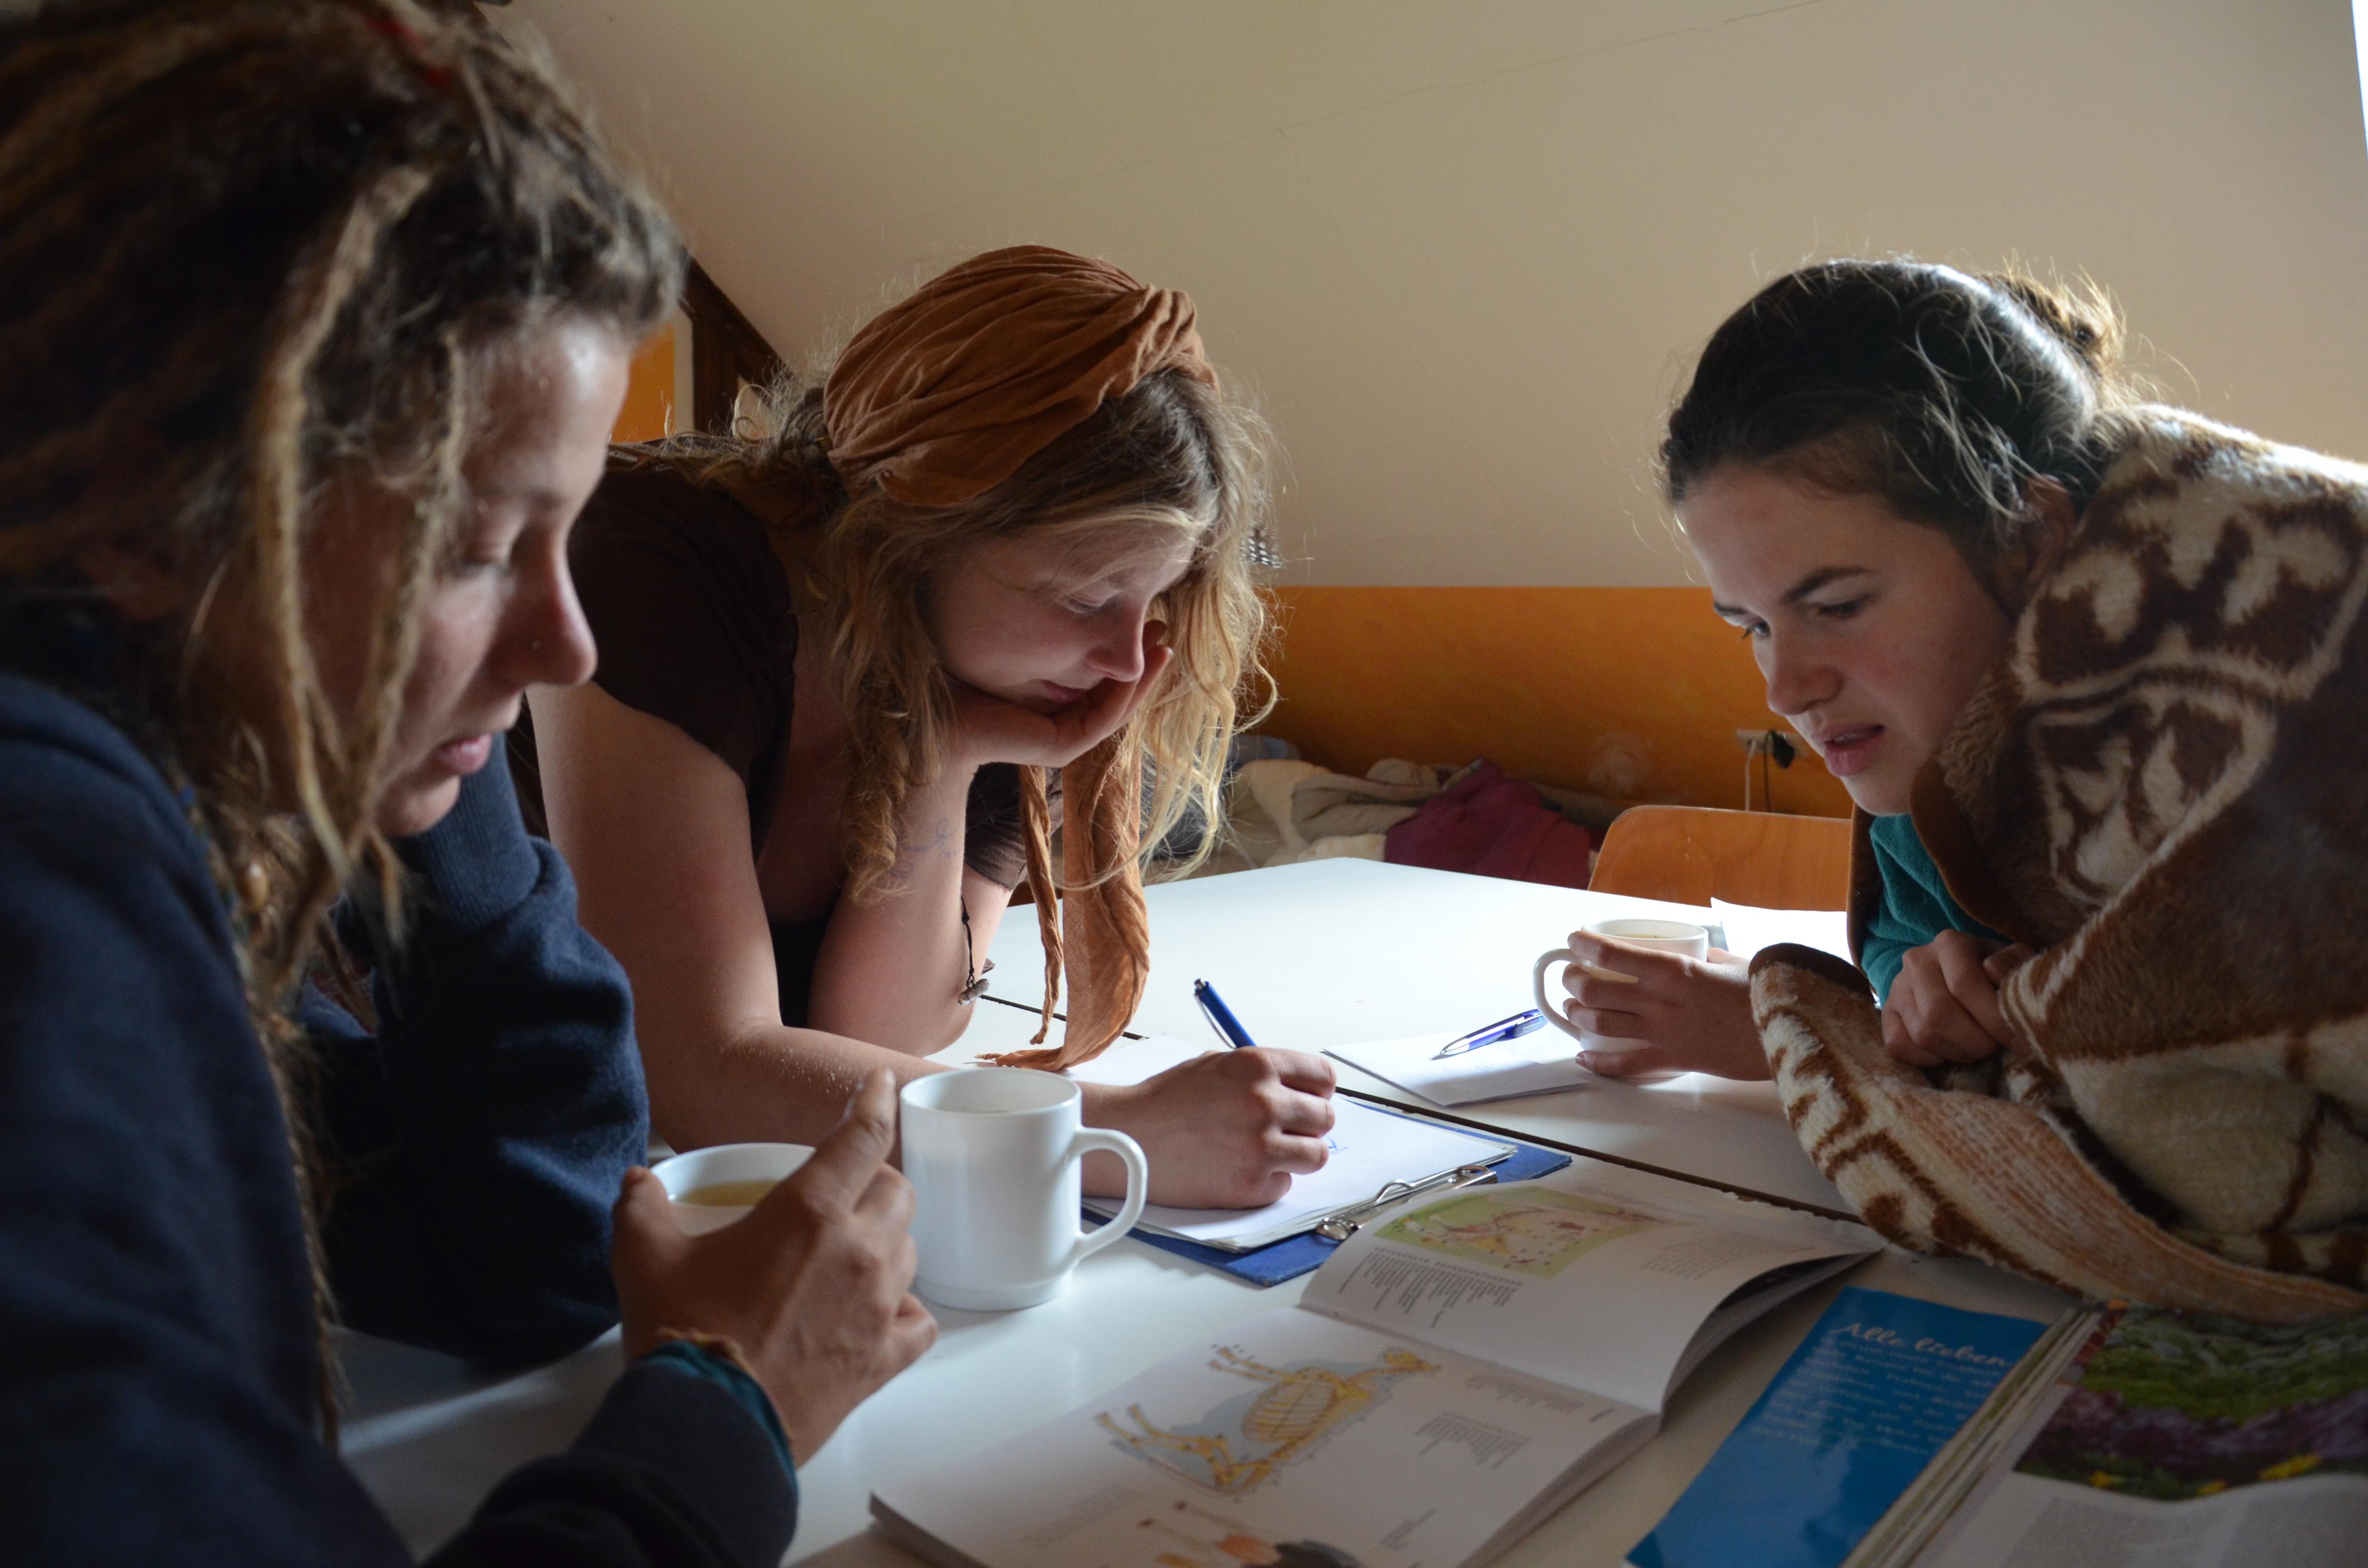 Gemeinsame Gruppenarbeiten findet in den Seminarräumen auf den Demeter Höfen statt. Durch den direkten vor Ort Charakter, ist ein vertiefendes Erarbeiten von Lerninhalten mit einem direkten Bezug möglich.